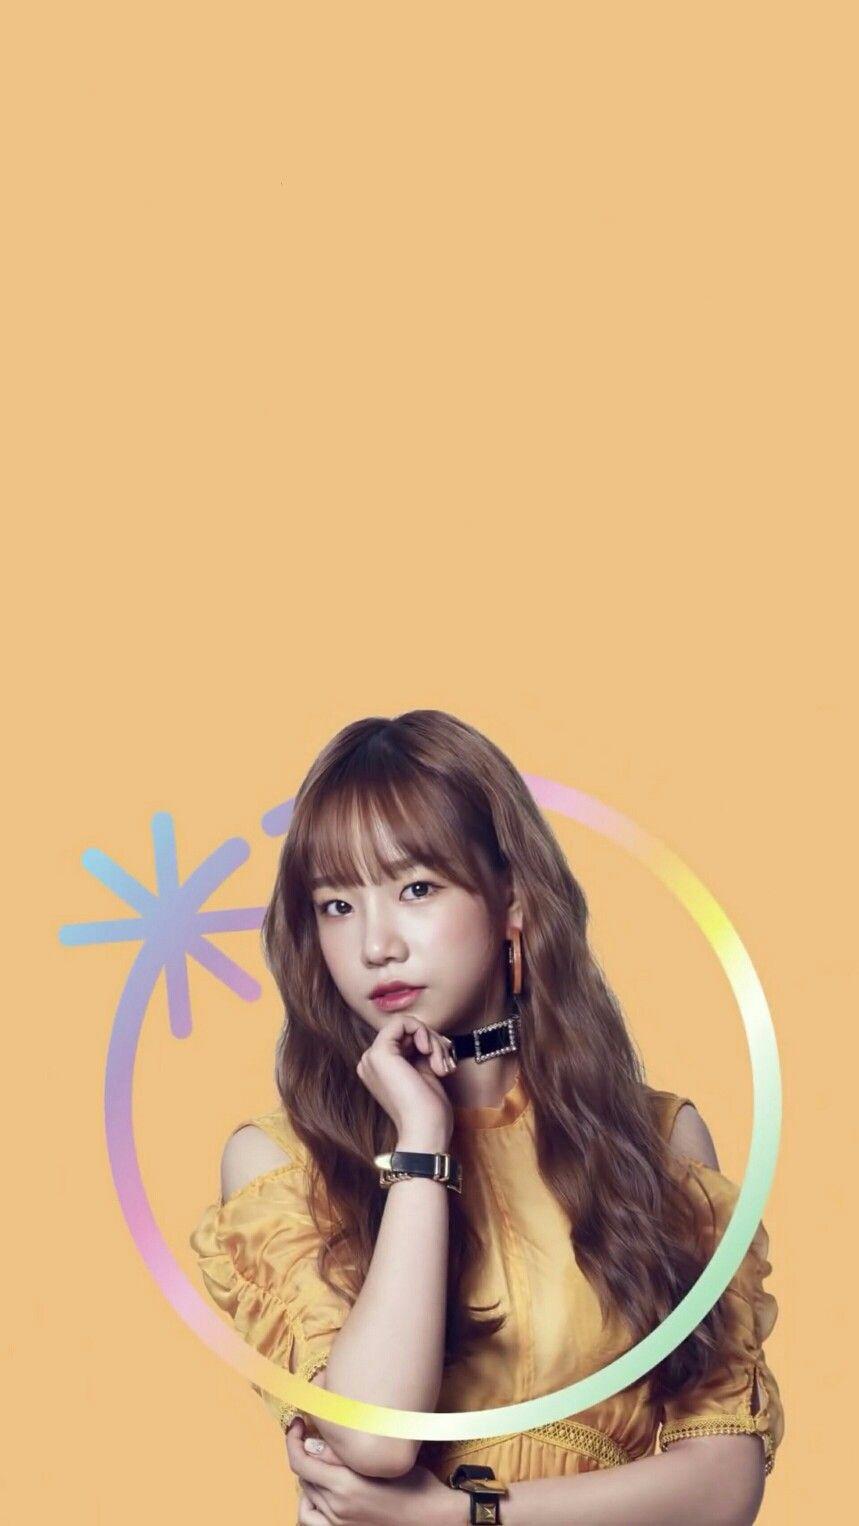 Izonewallpaper Izone Joyuriwallpaper Joyuri Yuriwallpaper Yuri Yabu Fan Art Kpop Wallpaper